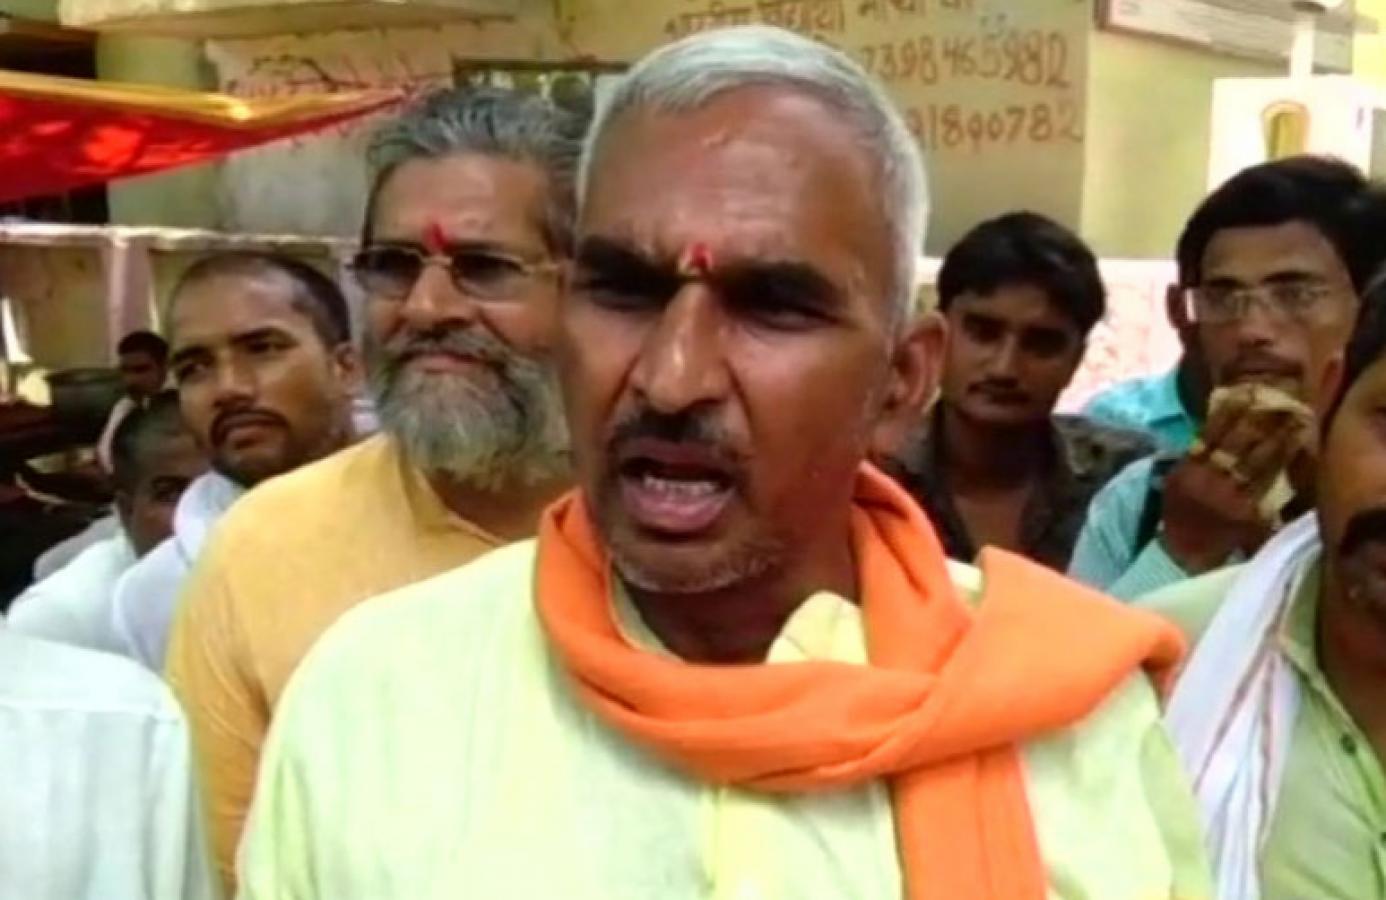 भाजपा MLA सुरेंद्र सिंह के विवादित बोल, कहा बहन-बेटी में पत्नी देखना मुस्लिमों की संस्कृति